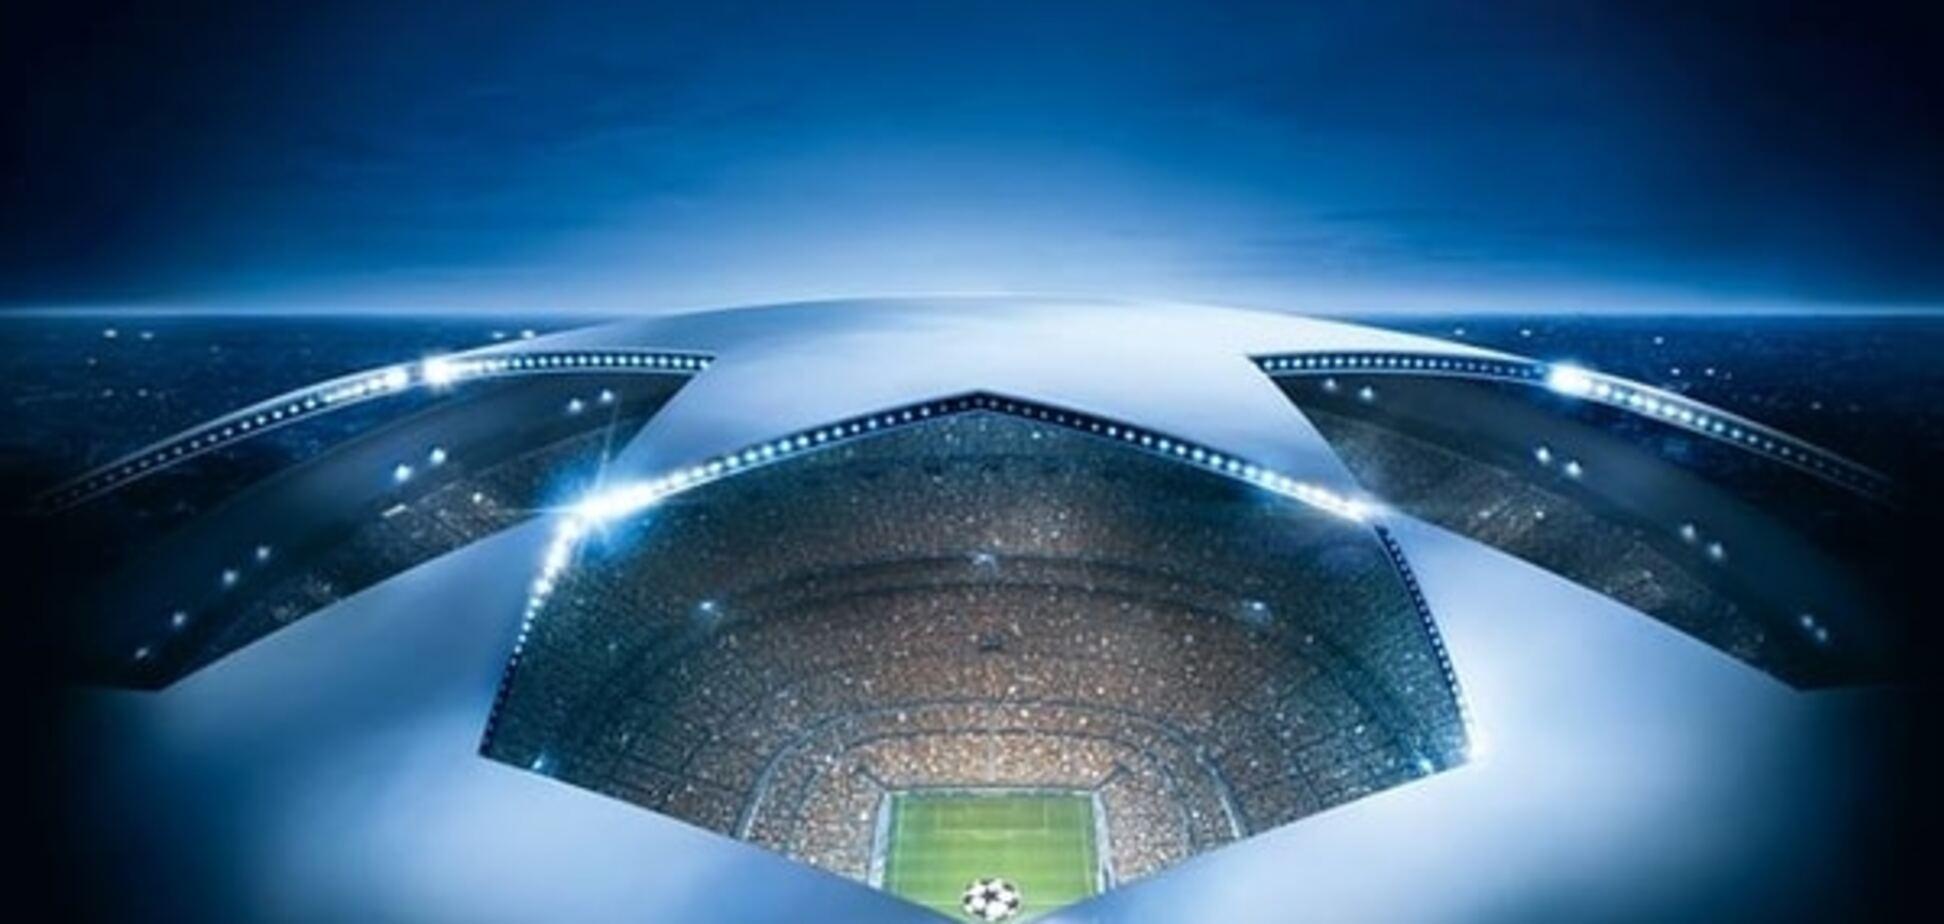 Ночь неожиданных разгромов. Результаты Лиги чемпионов 29 сентября